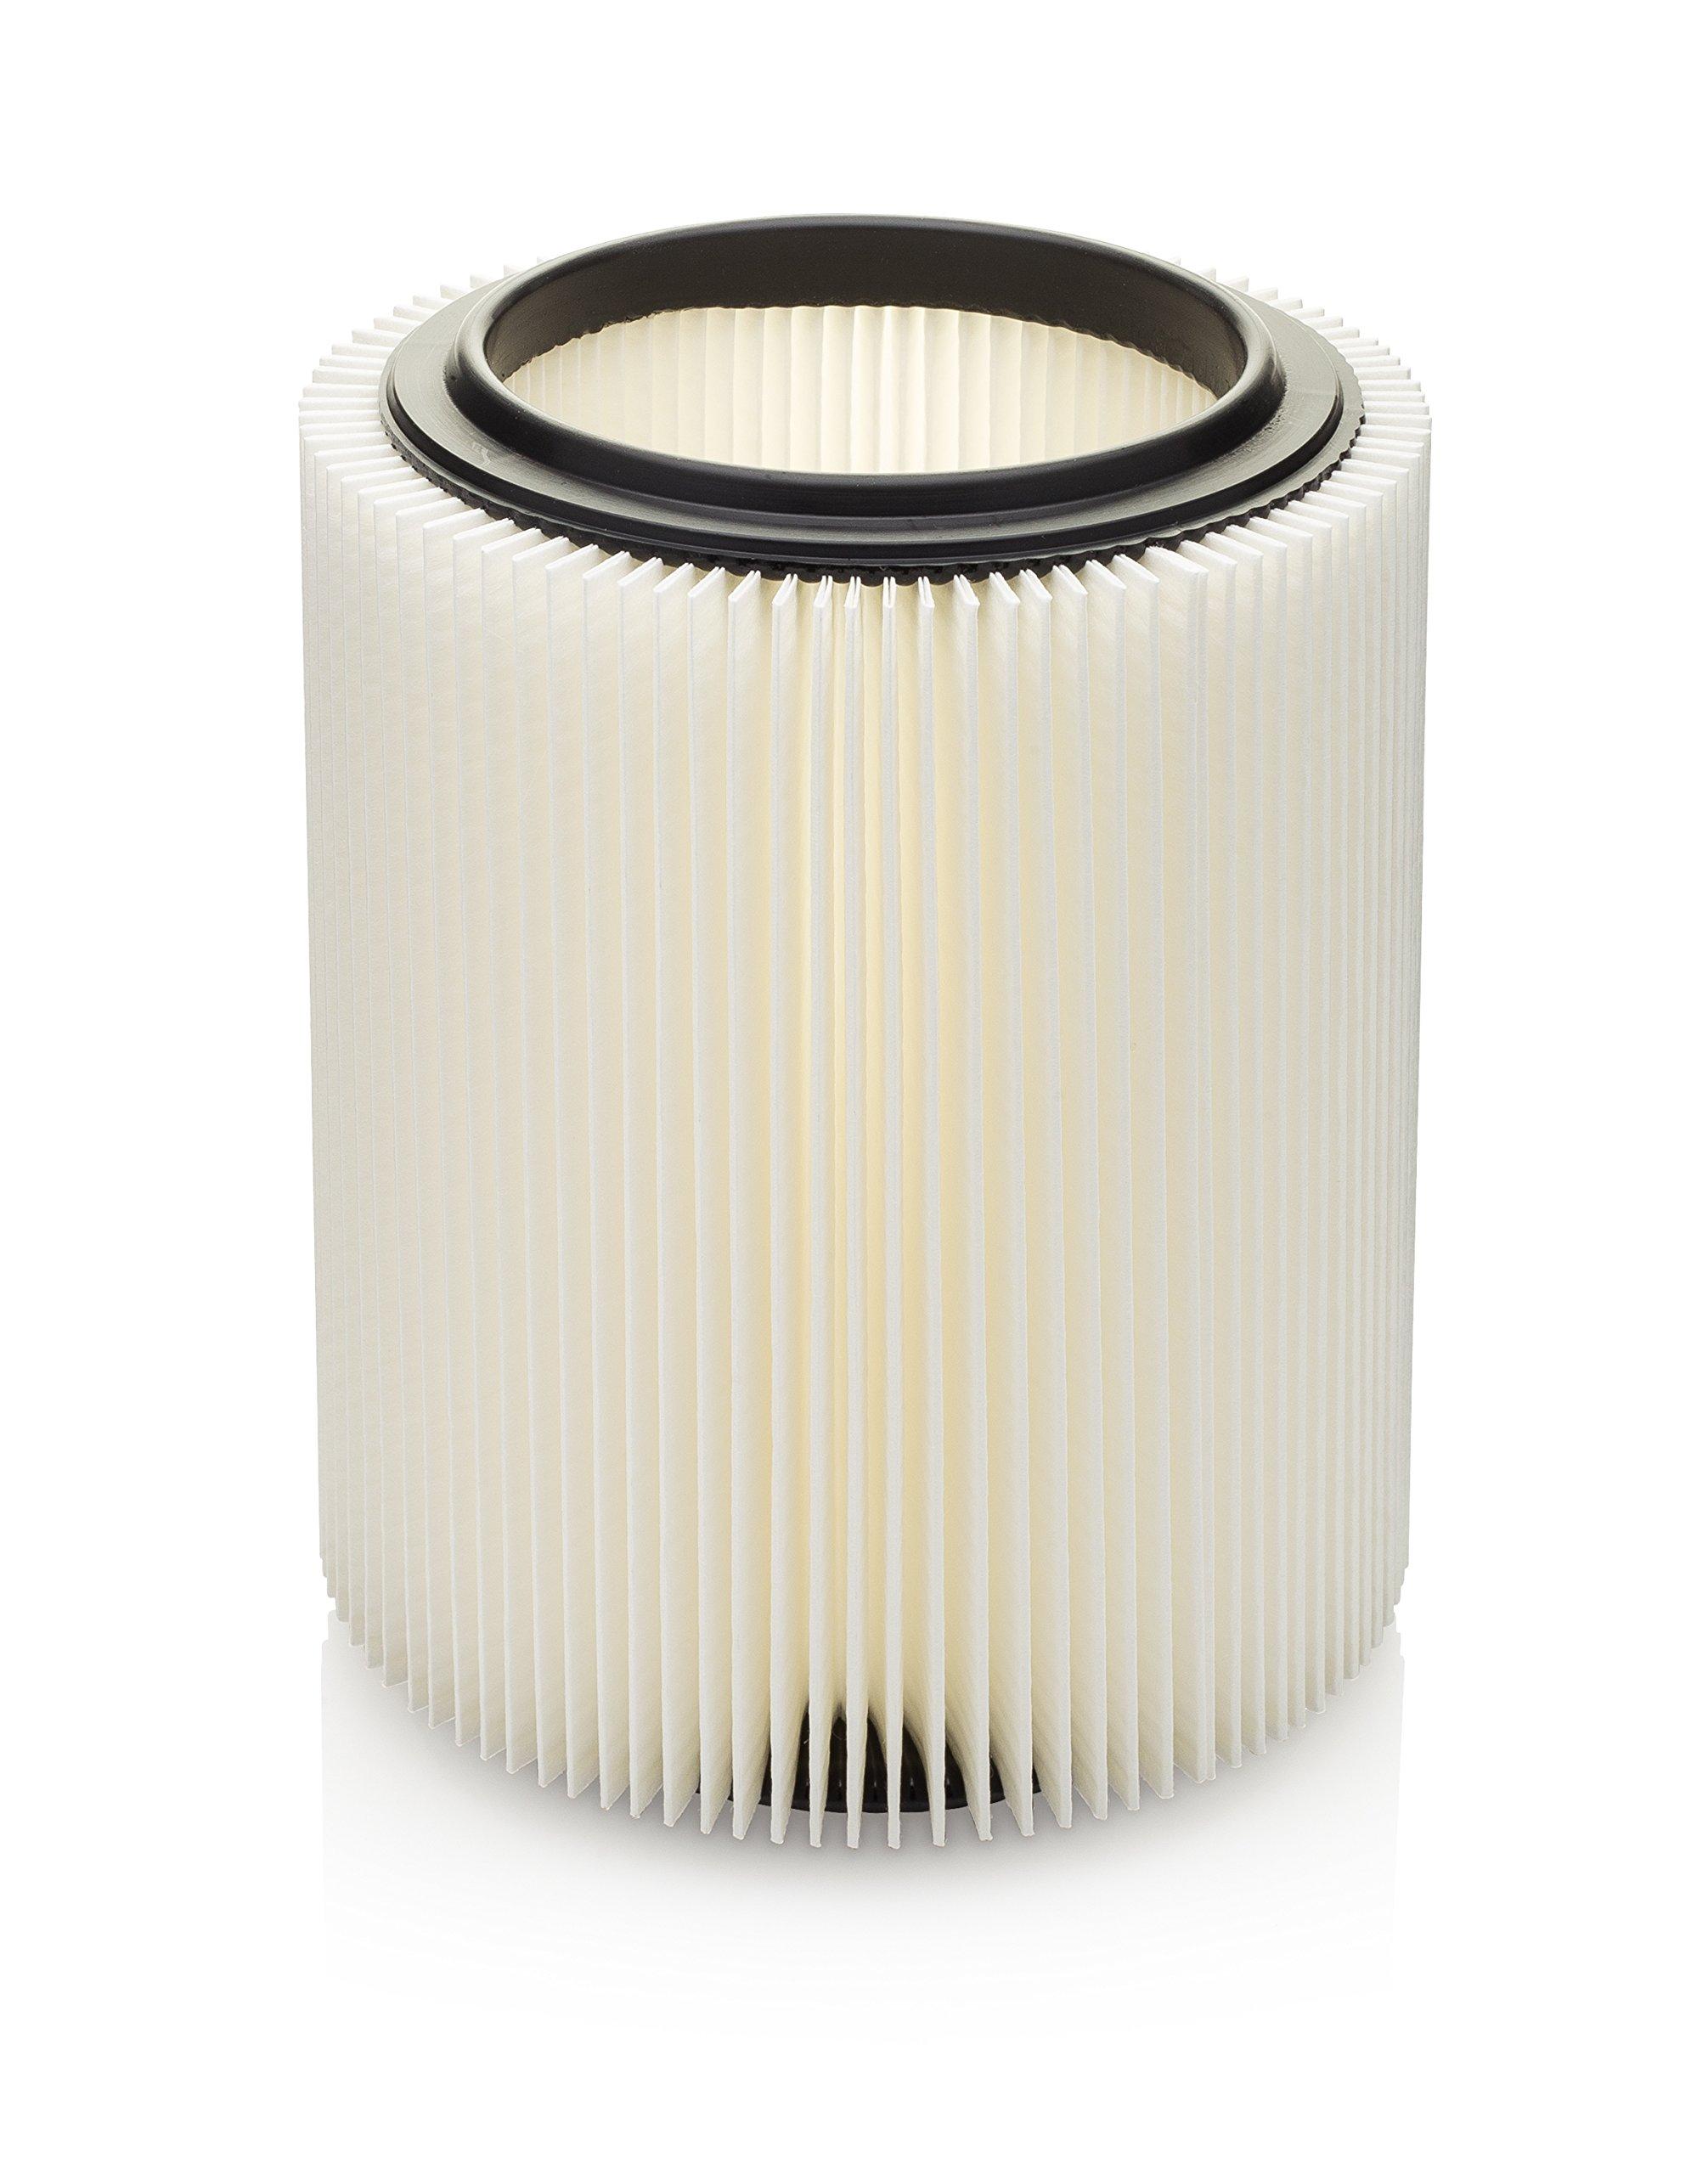 Craftsman & Ridgid Replacement Cartridge Filter